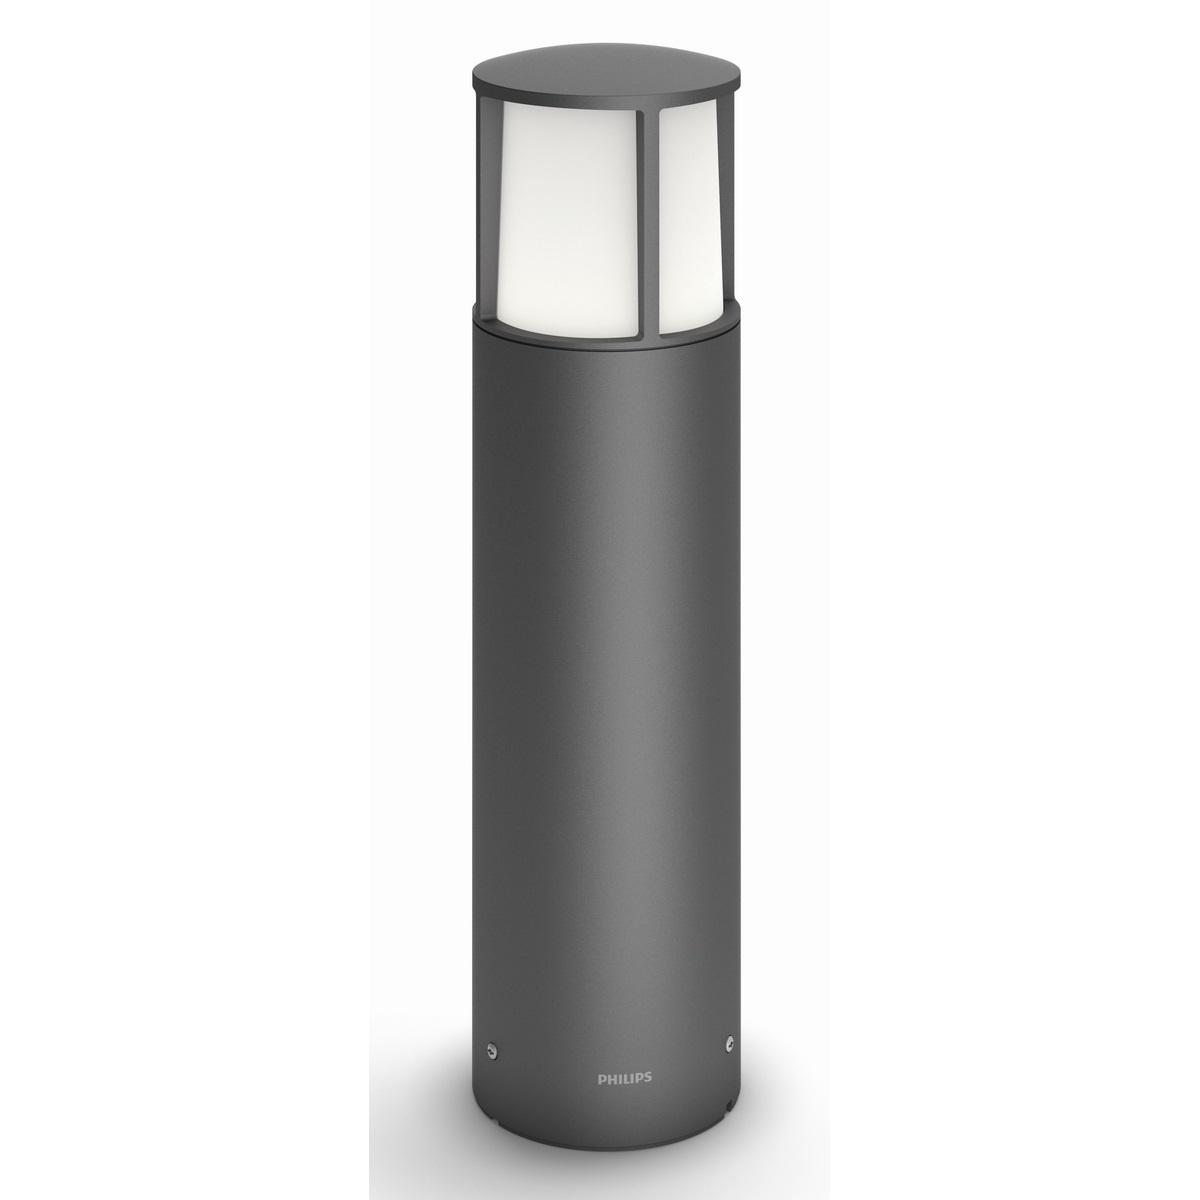 Philips 16466/93/16 Stock Venkovní sloupkové LED svítidlo 40 cm, antracit